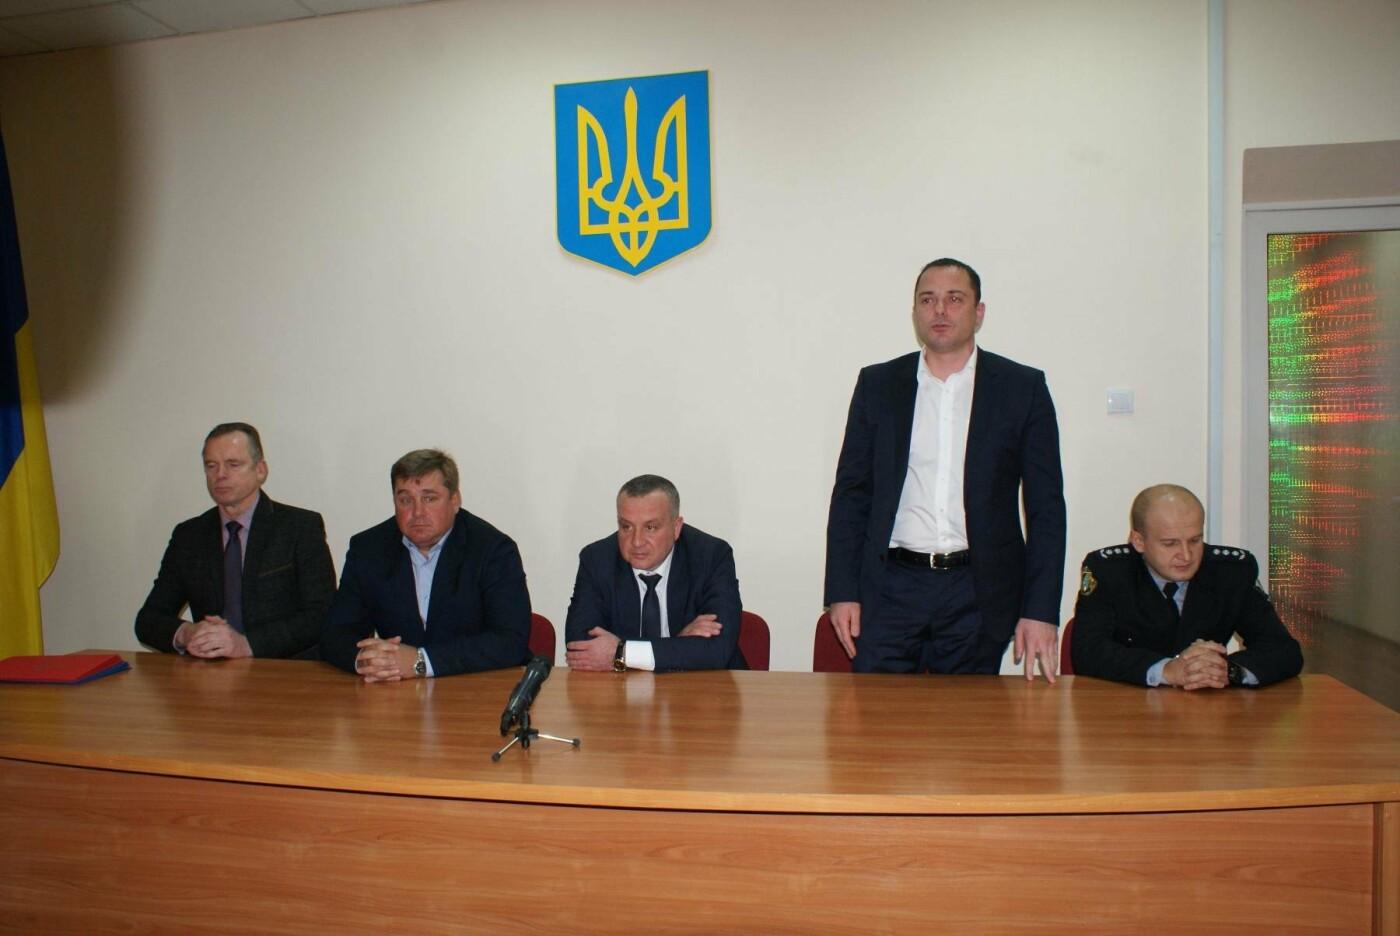 Каменских прокуроров поздравили с профессиональным праздником, фото-1